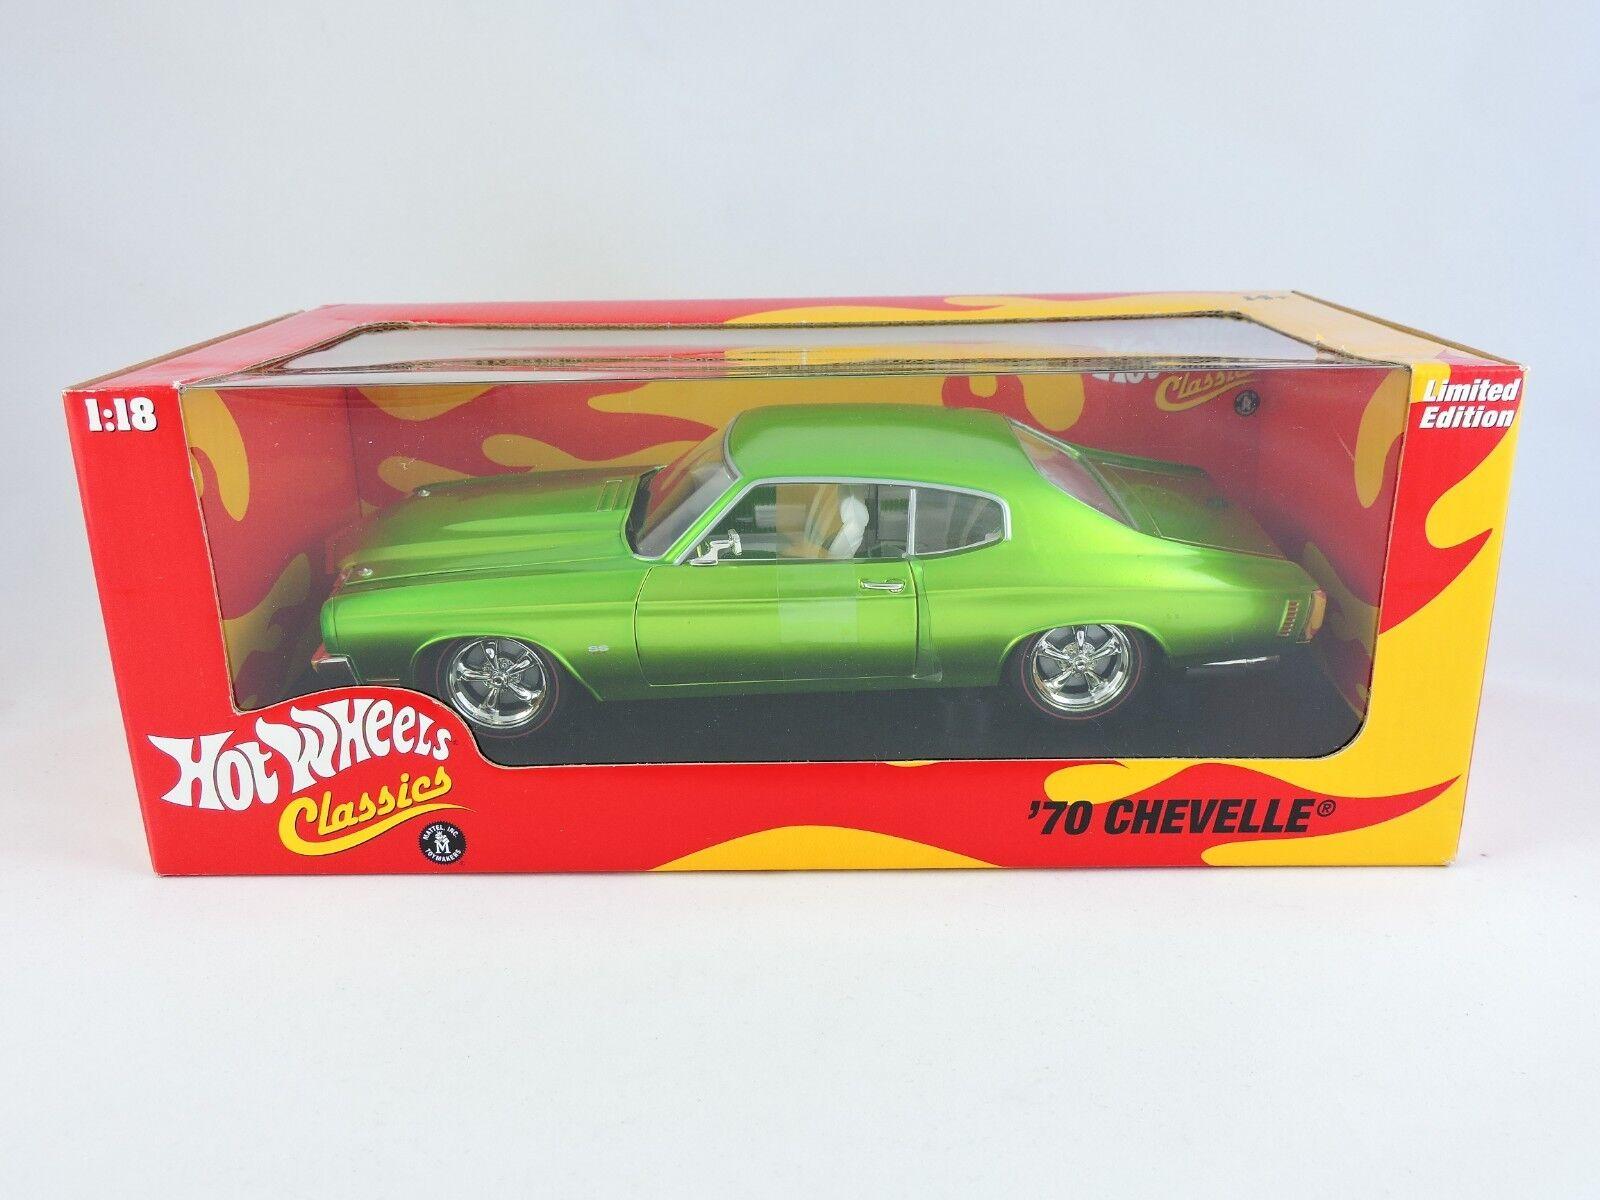 varm Hklackar Classics 70 Chevelle 1 18 Metallic grön bil 1970 Chevy Ltd Edition